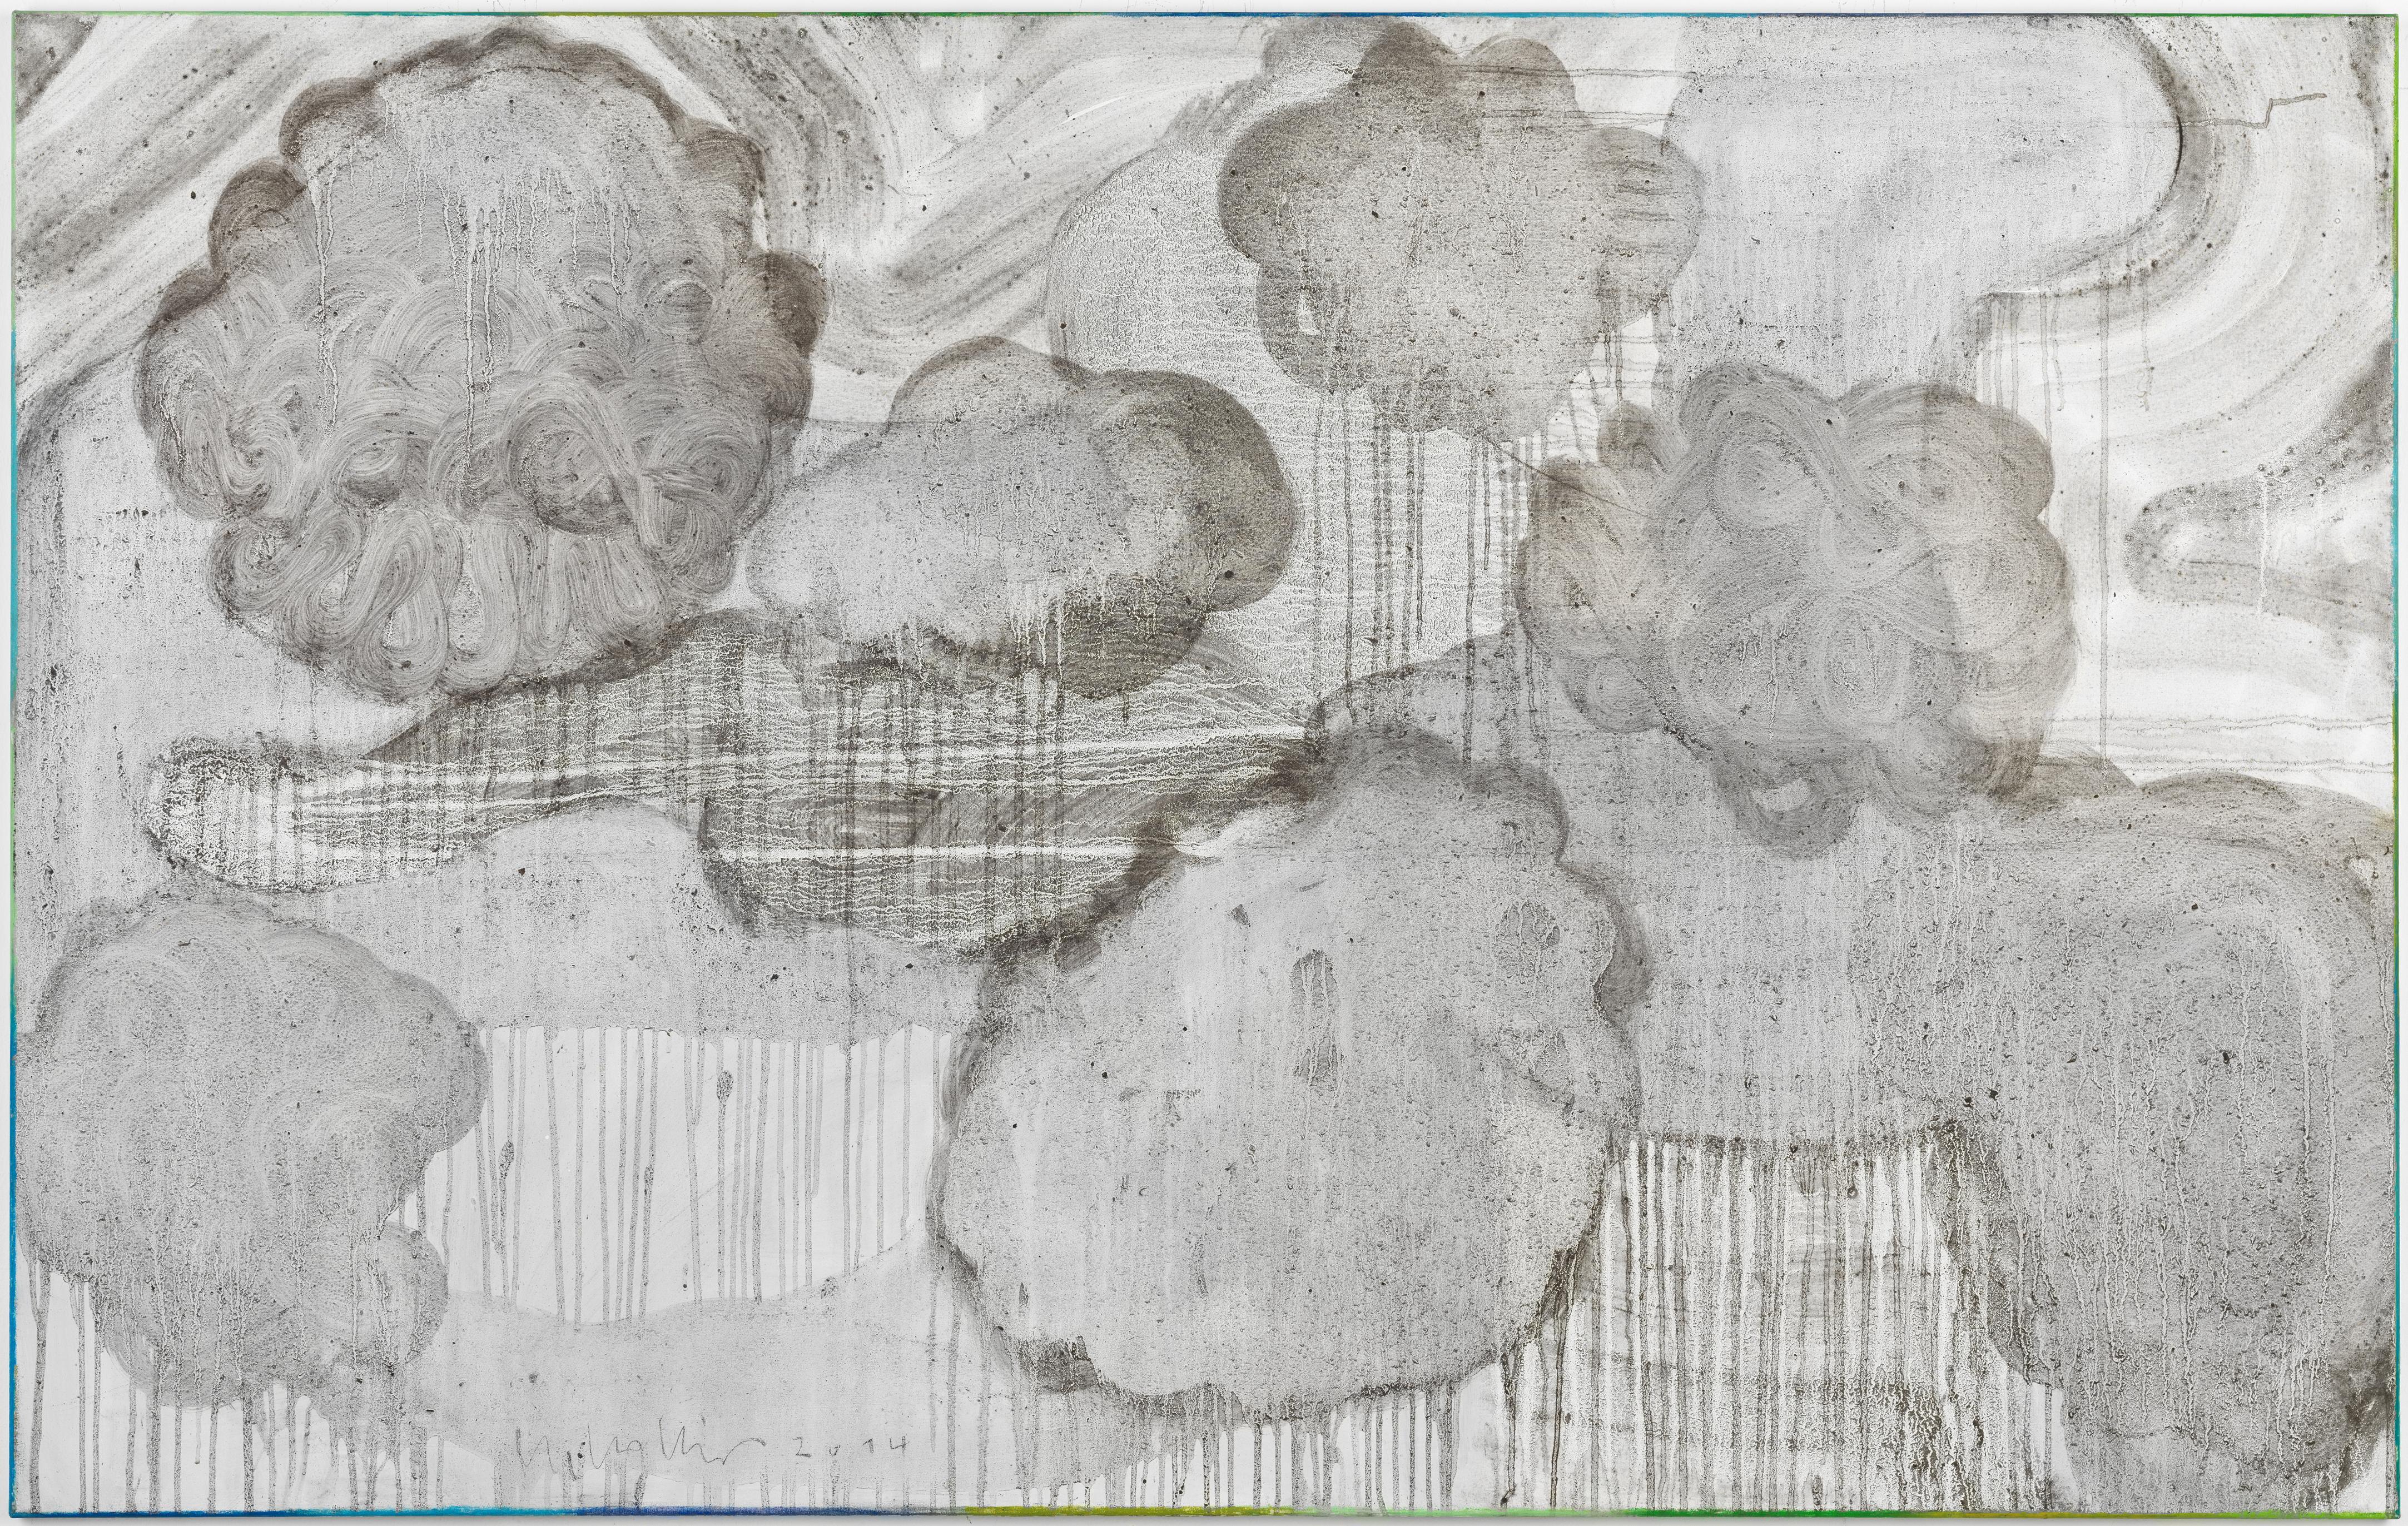 Clouds 2 // Asche auf Leinwand // 100 x 160 cm // 2014